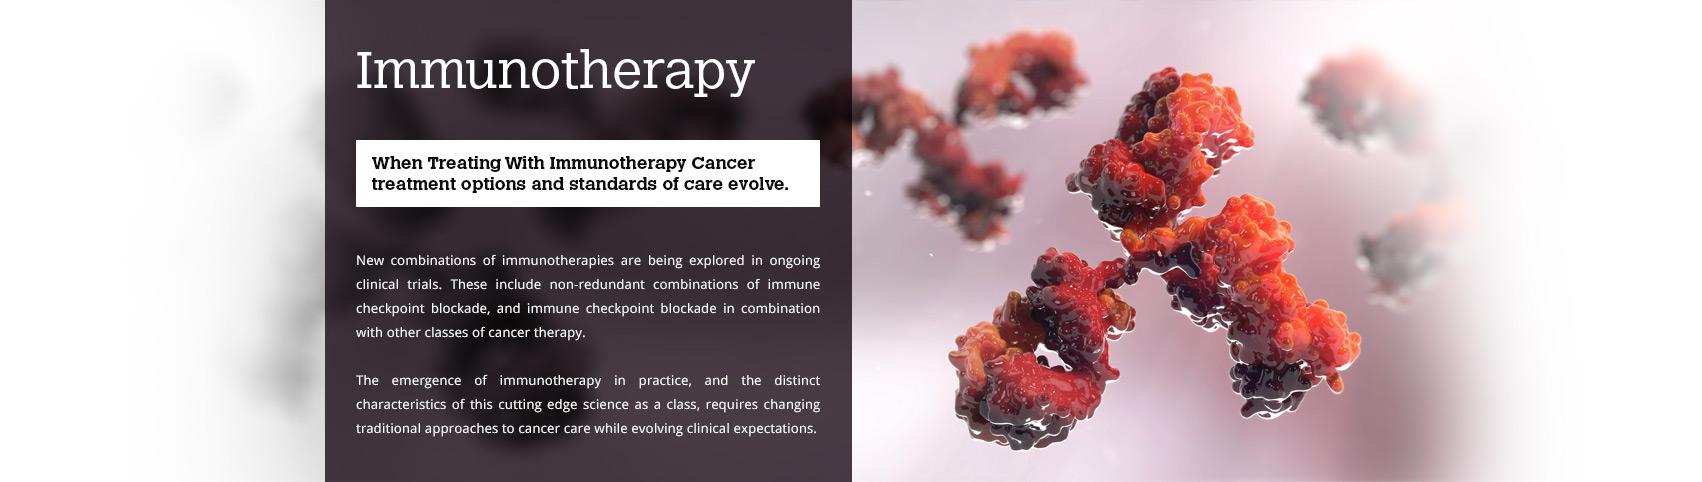 immunotherapy-header